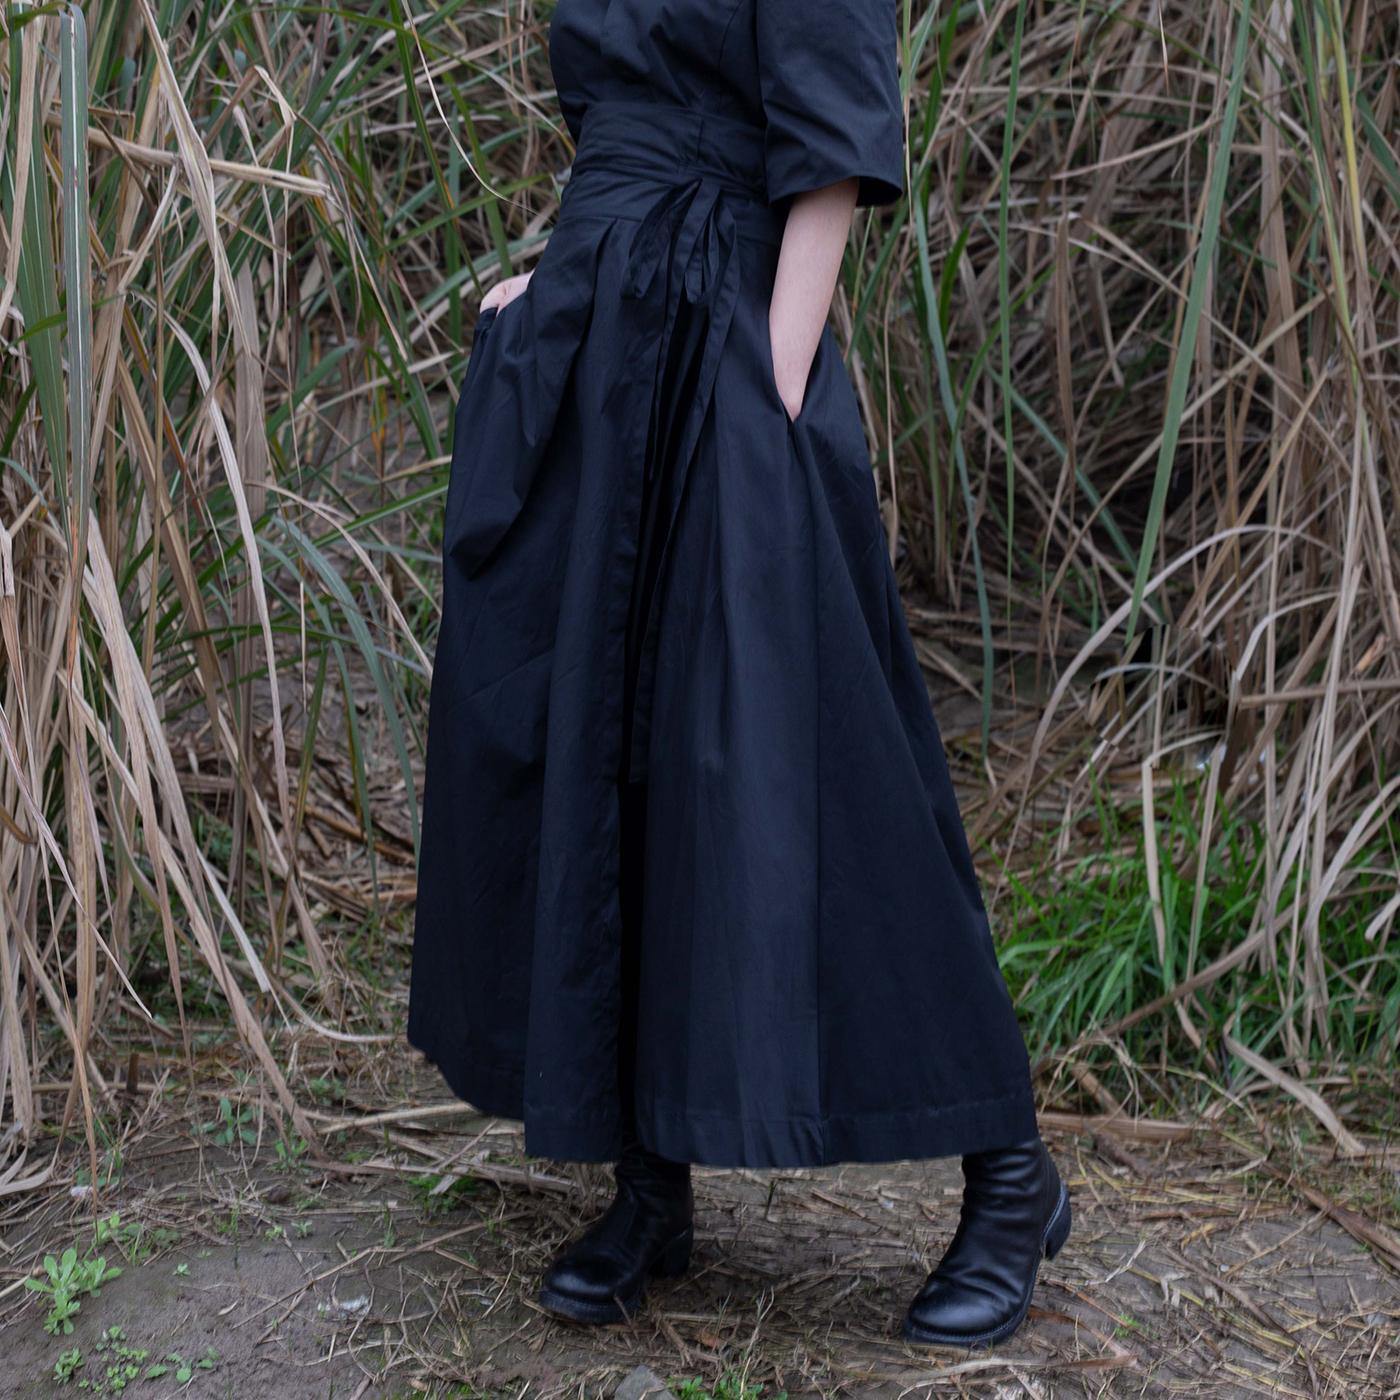 女半身裙 SIMPLE BLACK  秋季ss暗黑中世纪风格褶皱绑带蓬蓬裙高腰半身裙女_推荐淘宝好看的半身裙